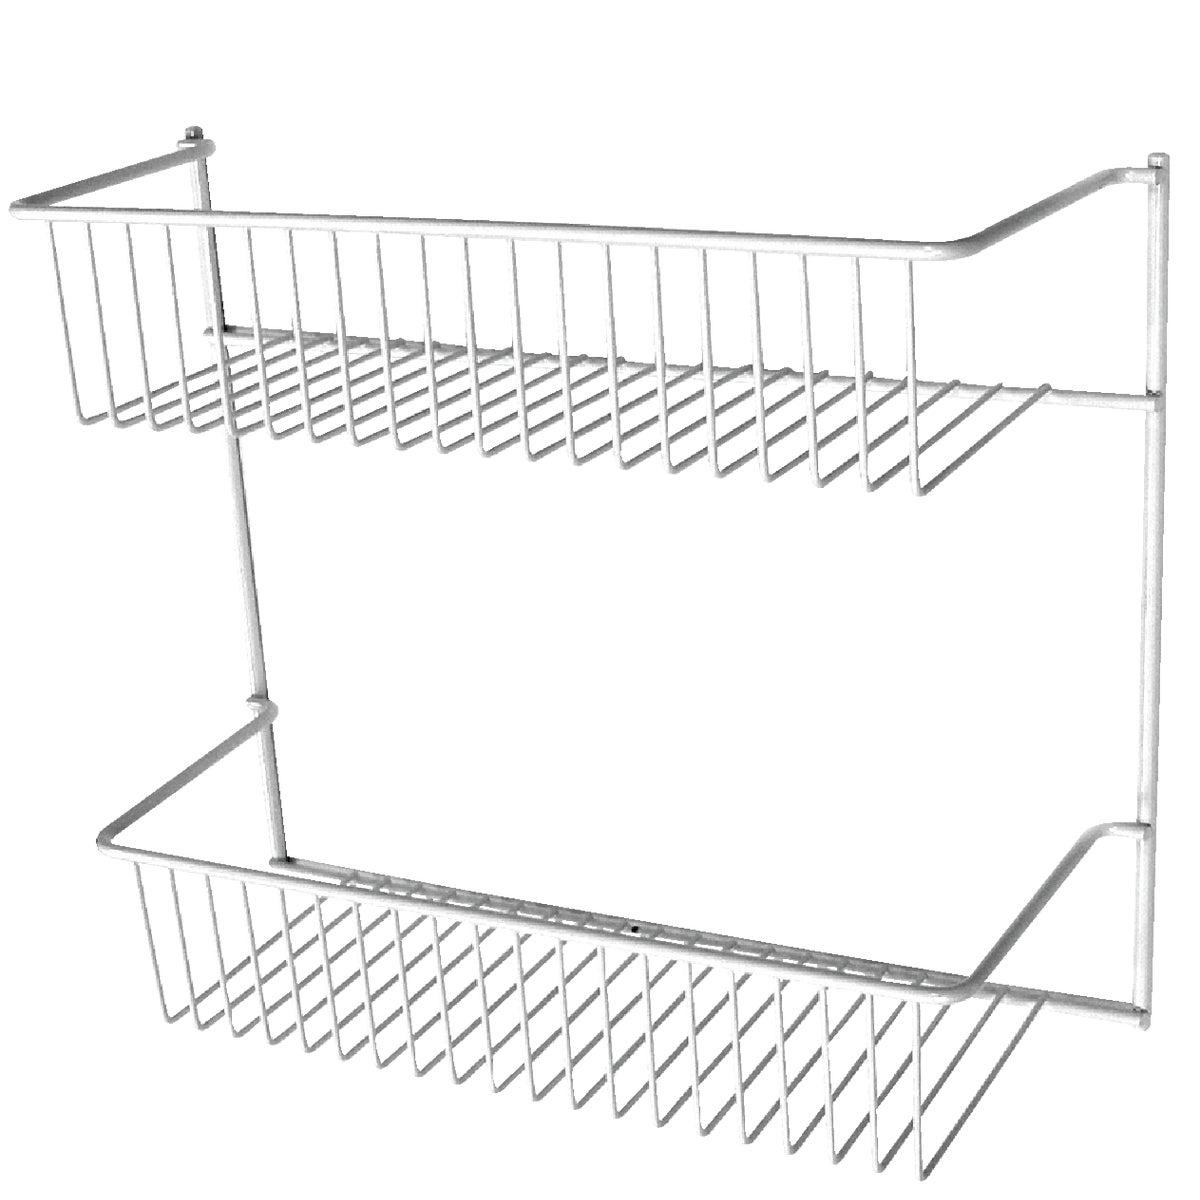 2-Tier Wall Storage Rack